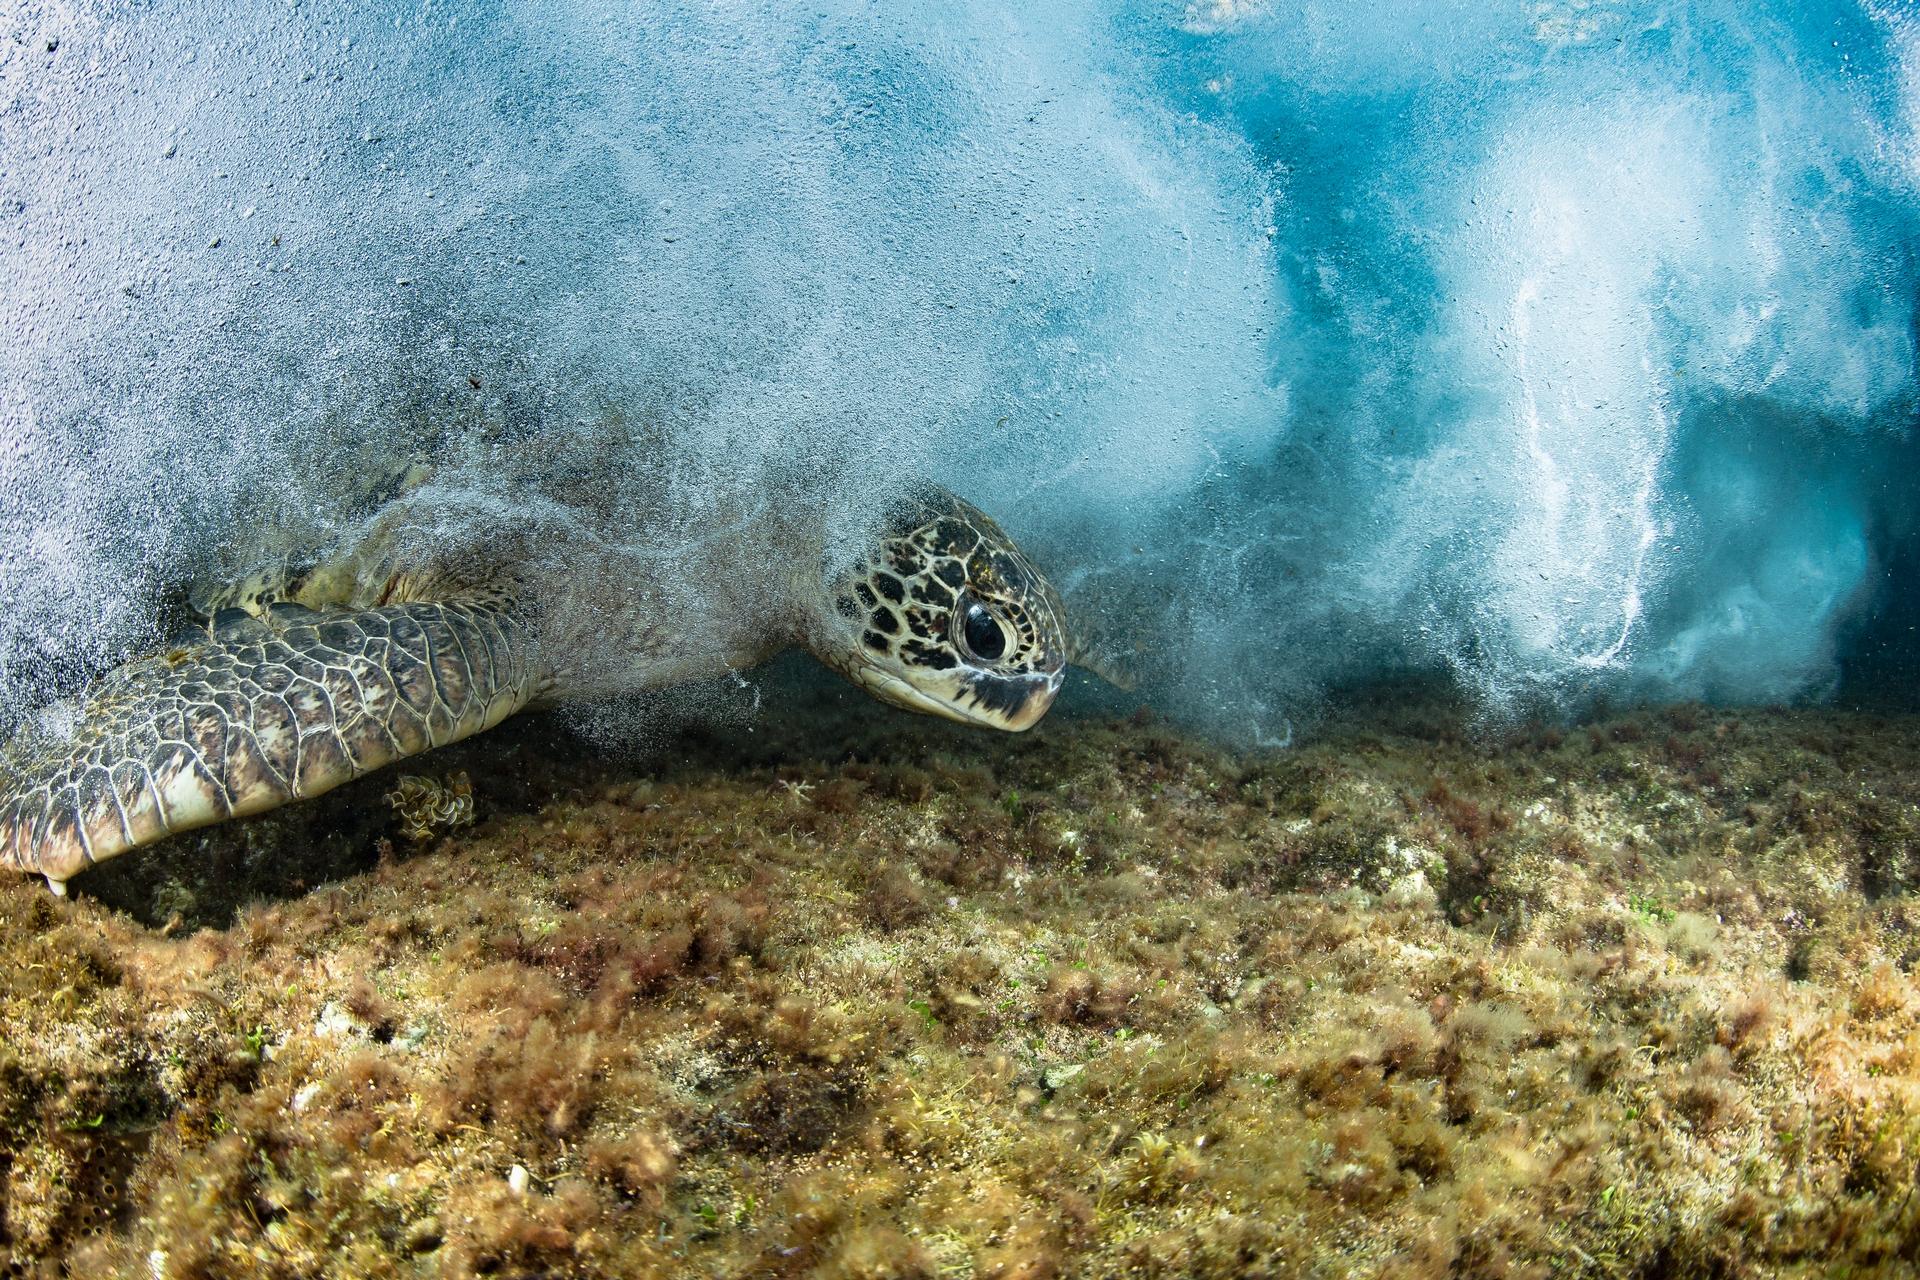 R36192對覓食地極度忠誠,就連起了大浪也繼續在覓食。攝影:蘇淮